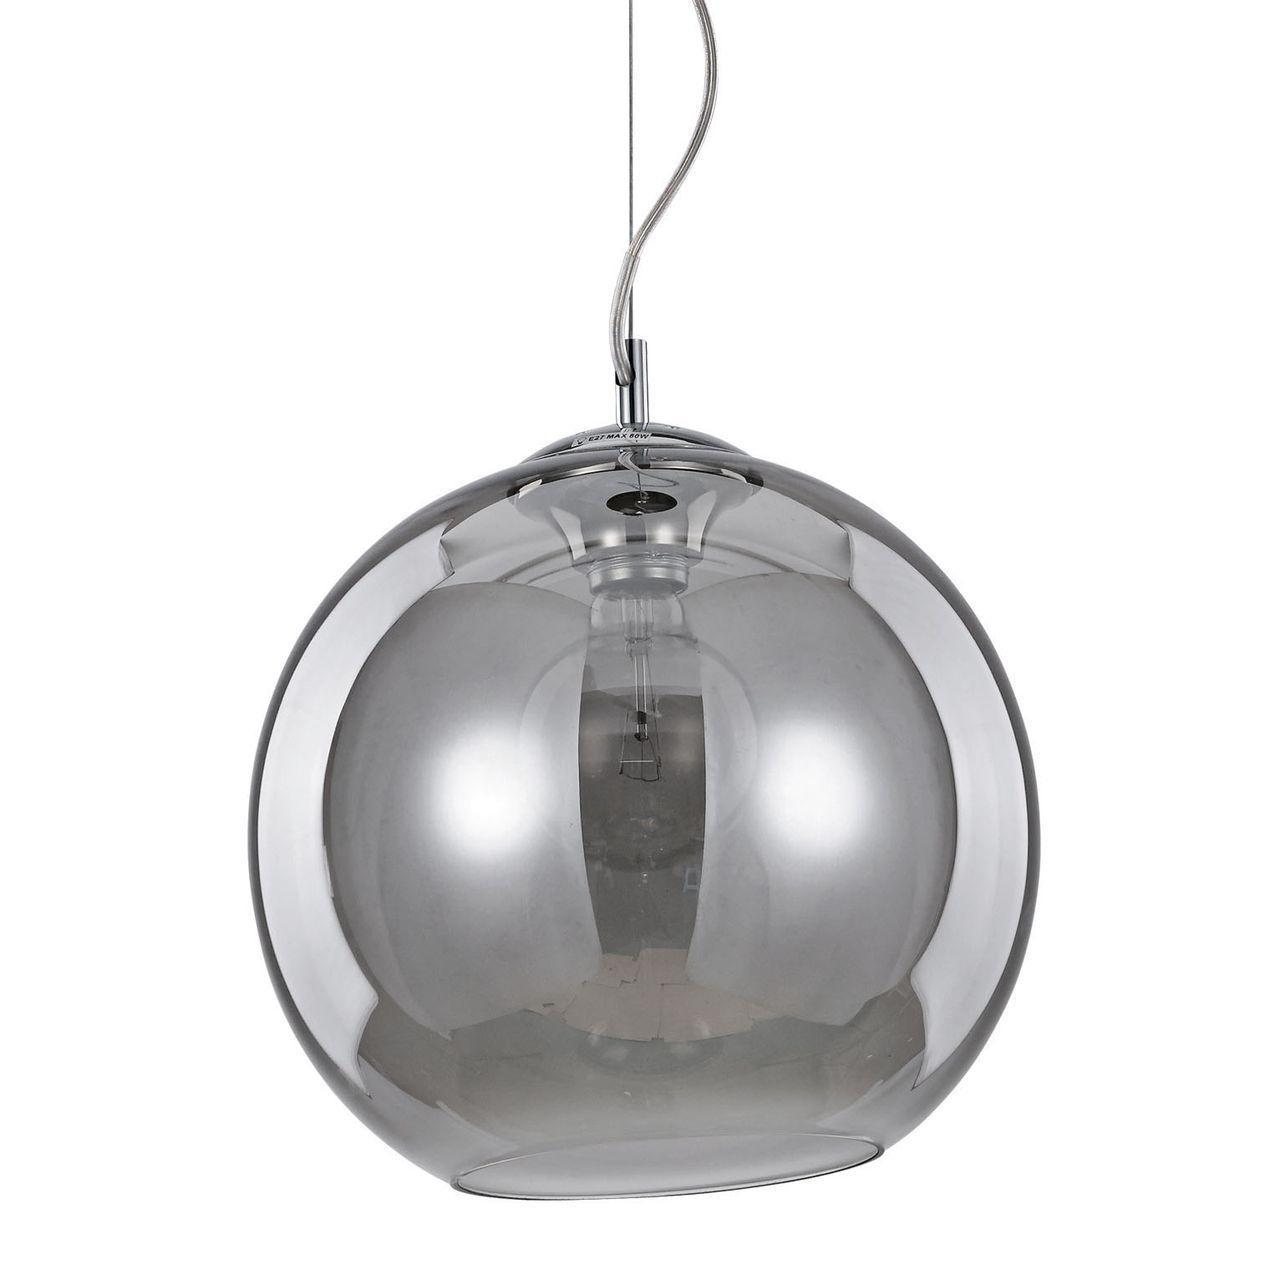 Подвесной светильник Ideal Lux Nemo SP1 D30 Fume ideal lux подвесной светильник ideal lux nemo fume sp1 d50